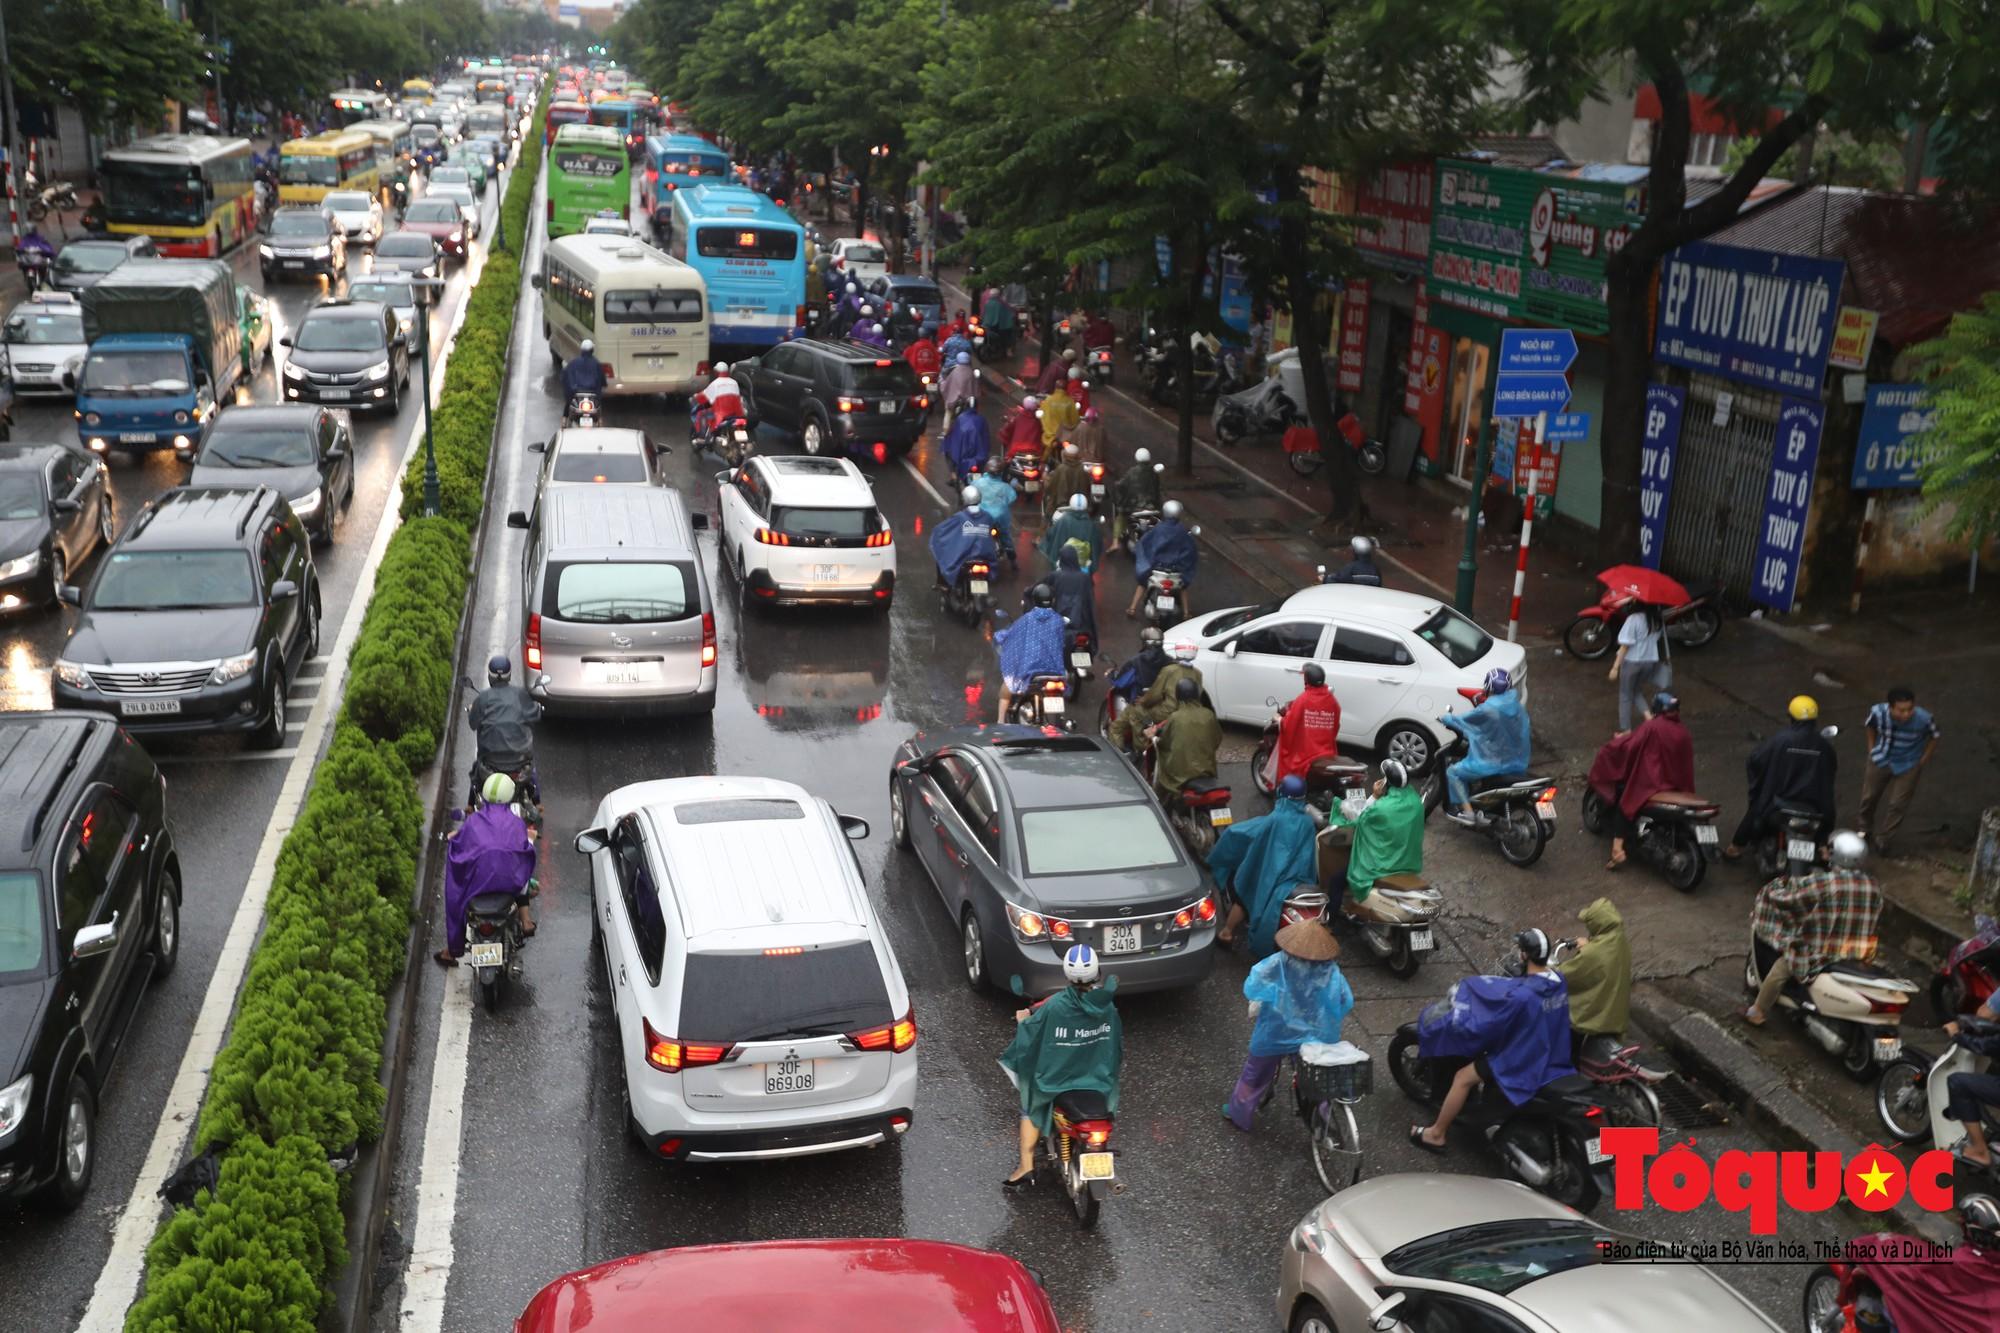 Hình ảnh xưa nay hiếm ở Thủ đô Hà Nội  cha mẹ cõng con vượt sông trong phố đến trường13